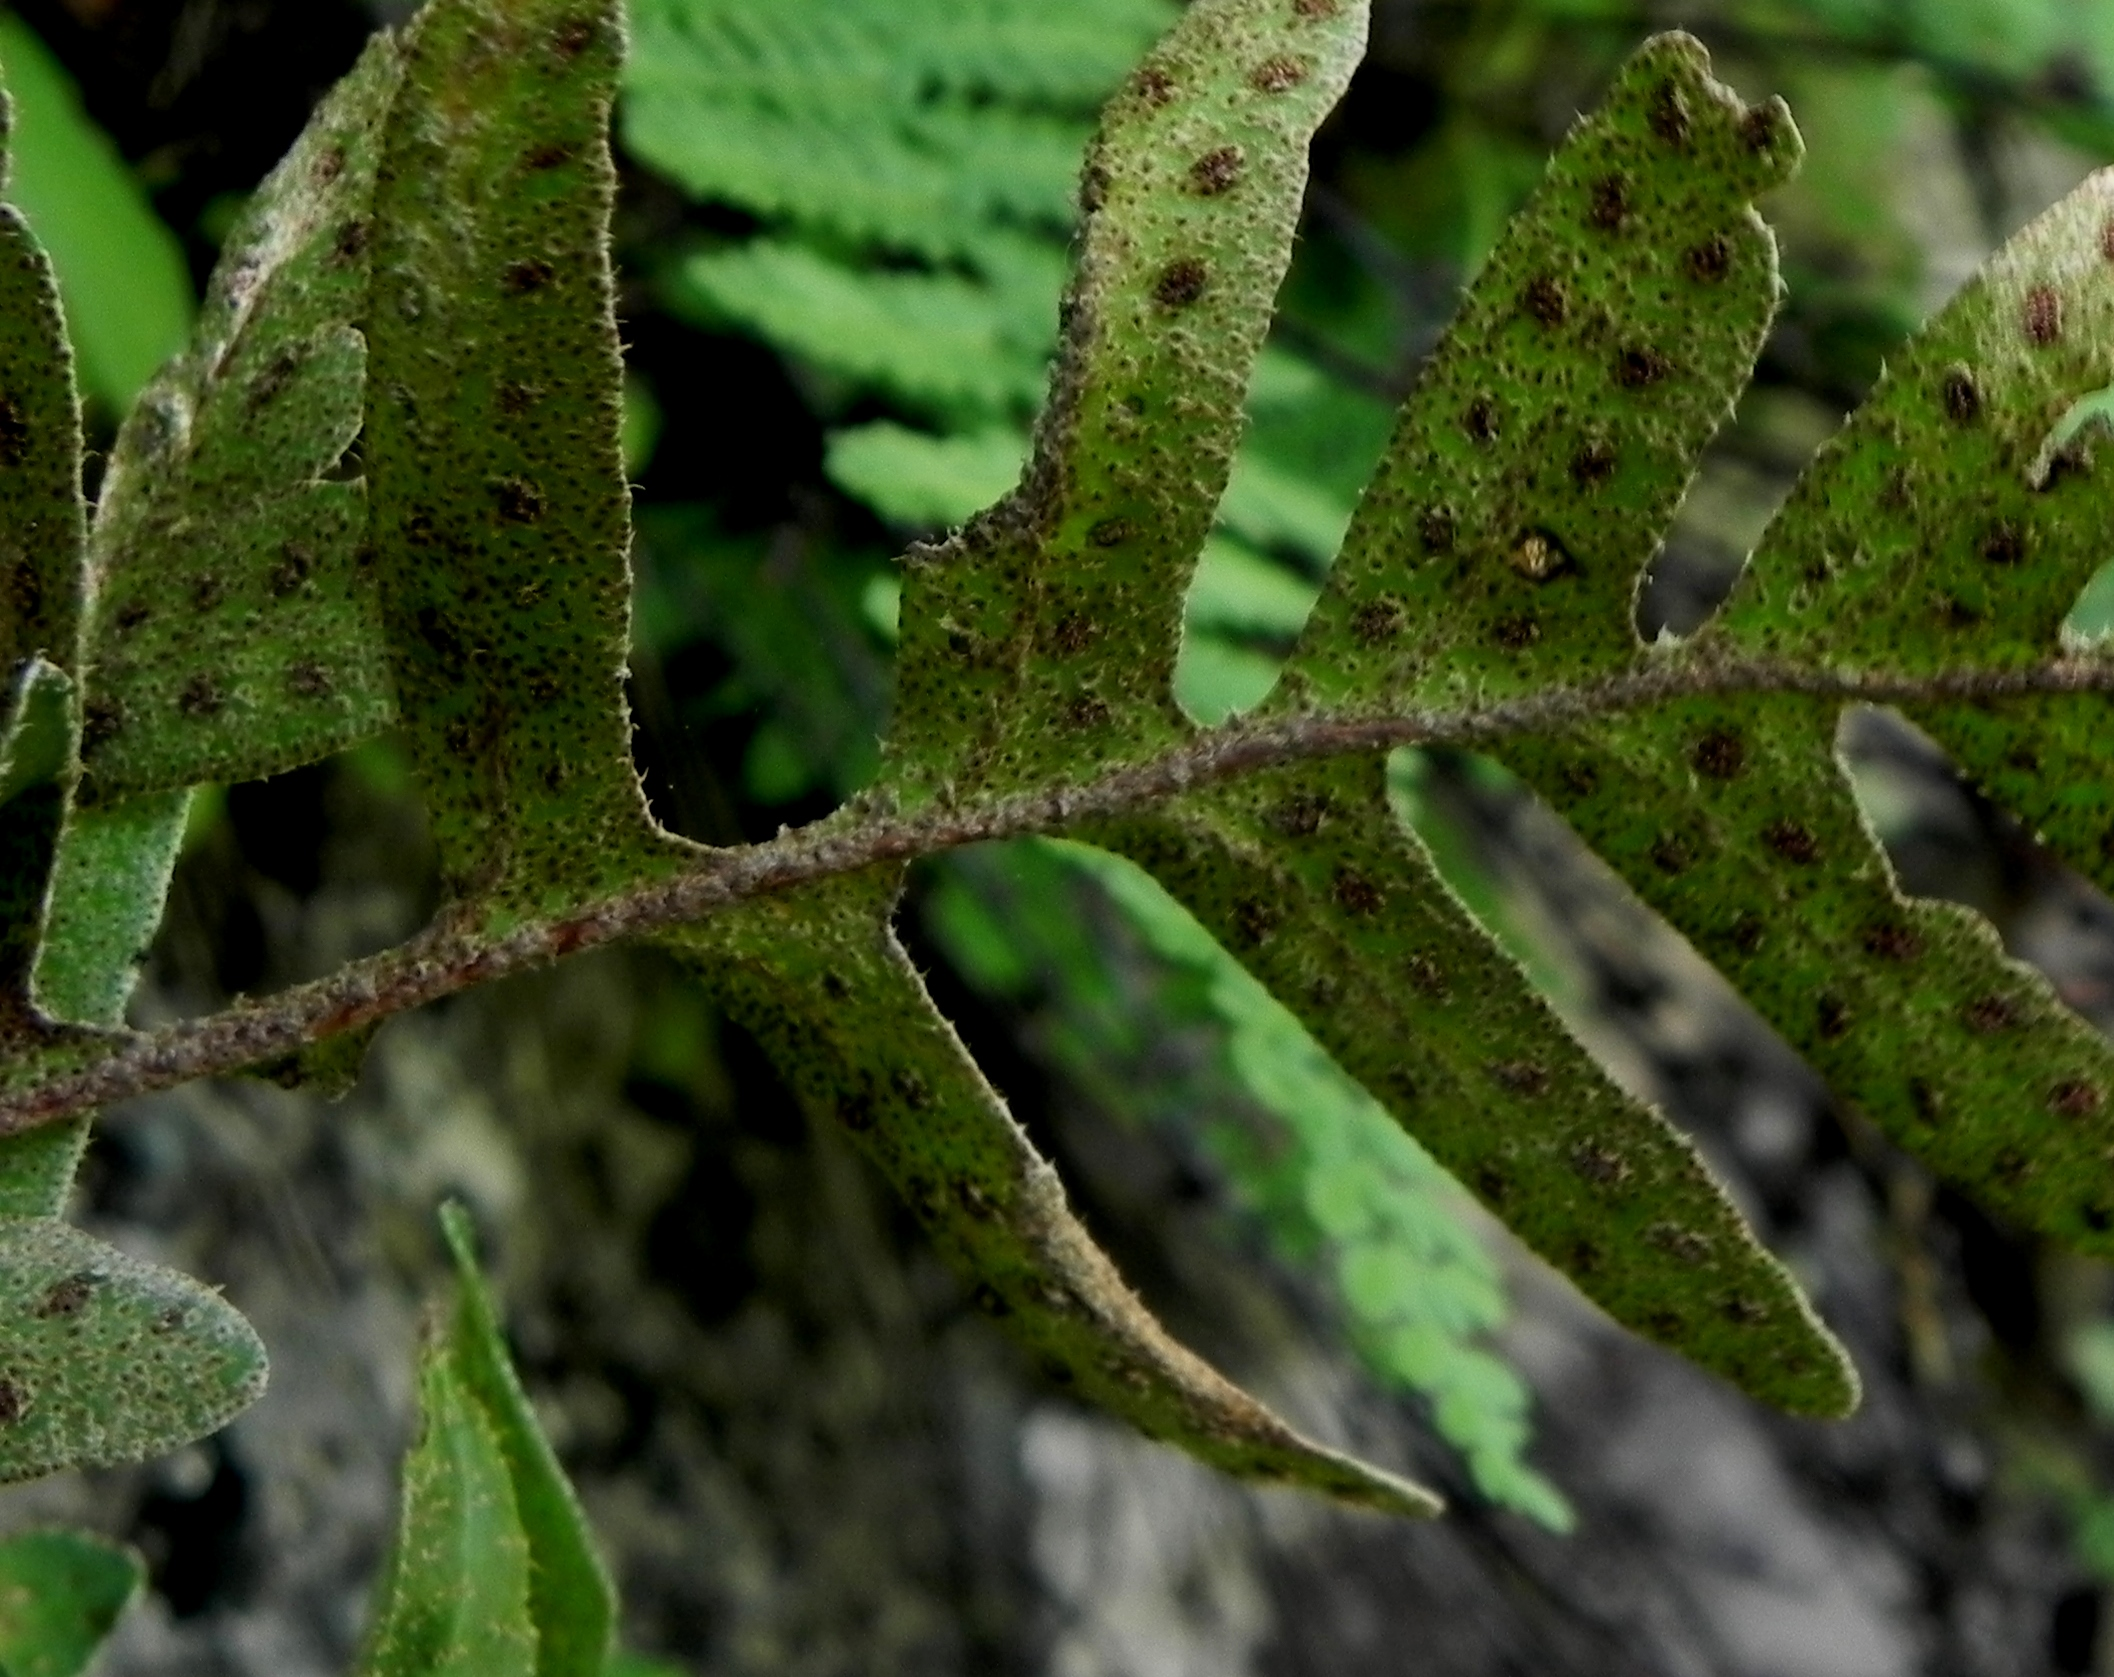 Pleopeltis thyssanolepis